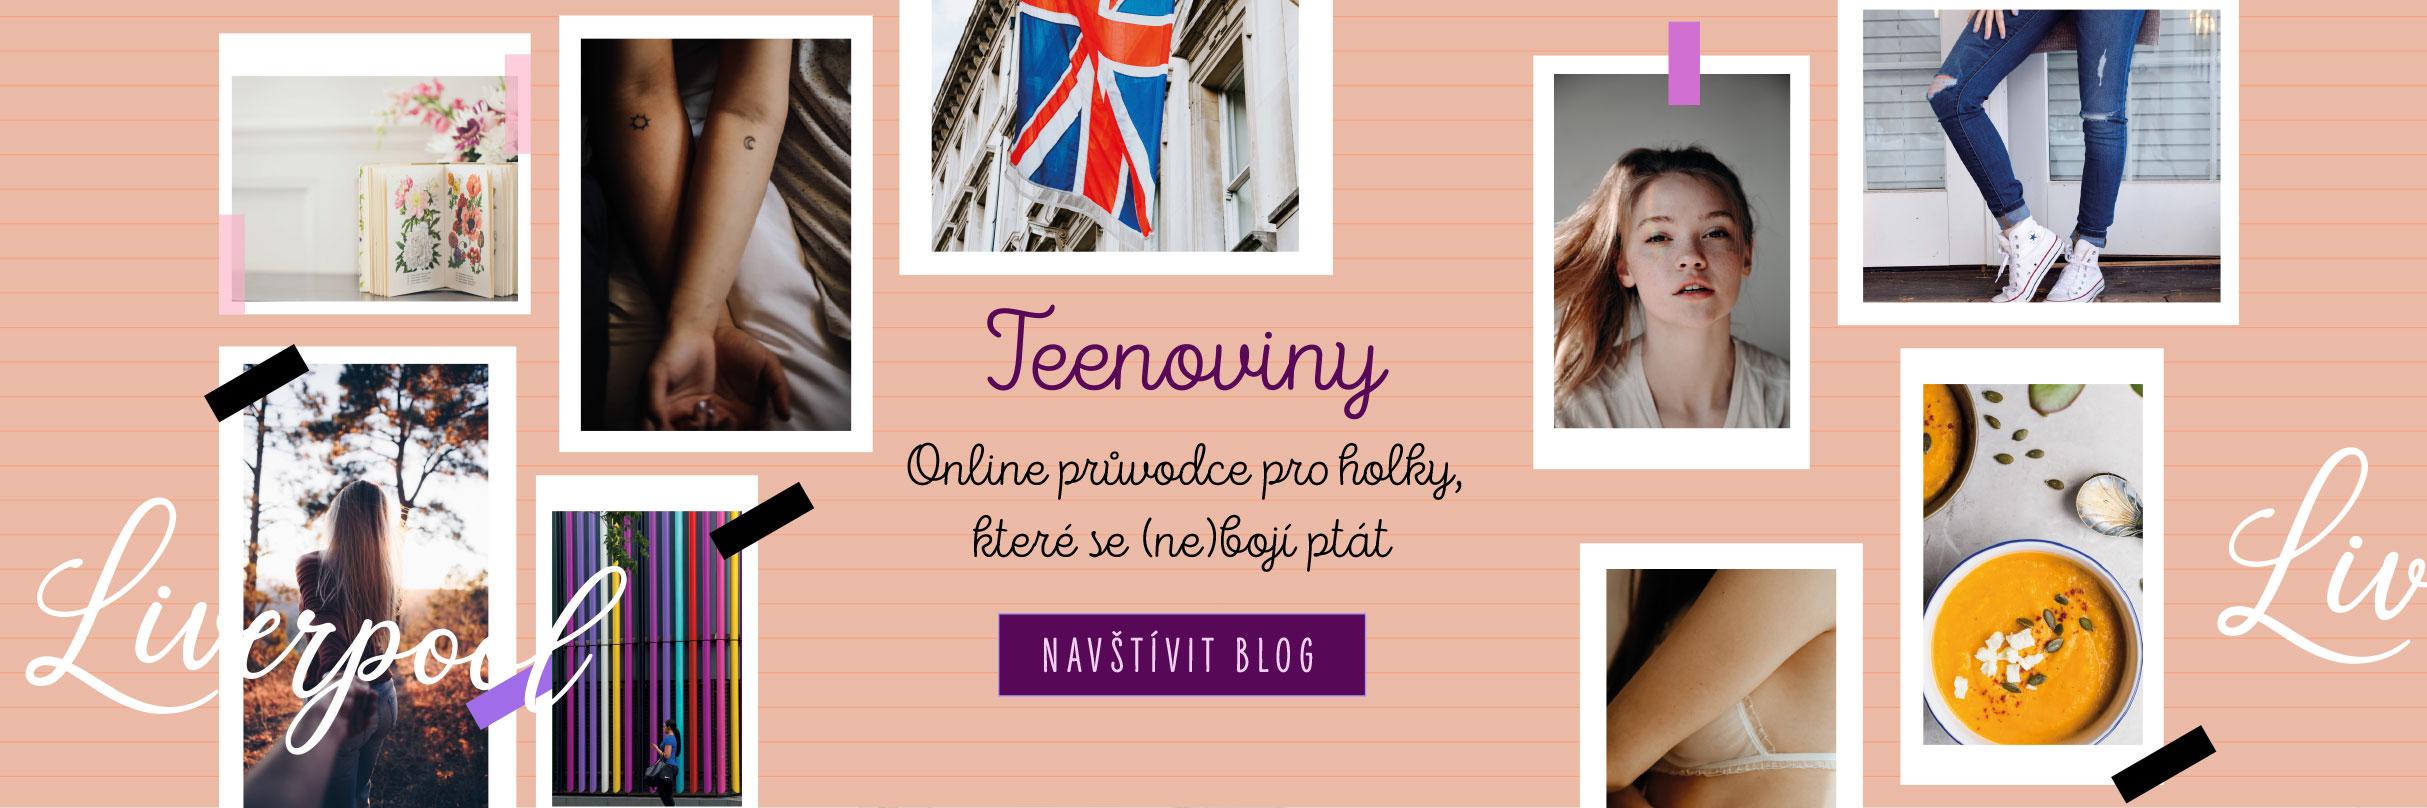 Teenoviny